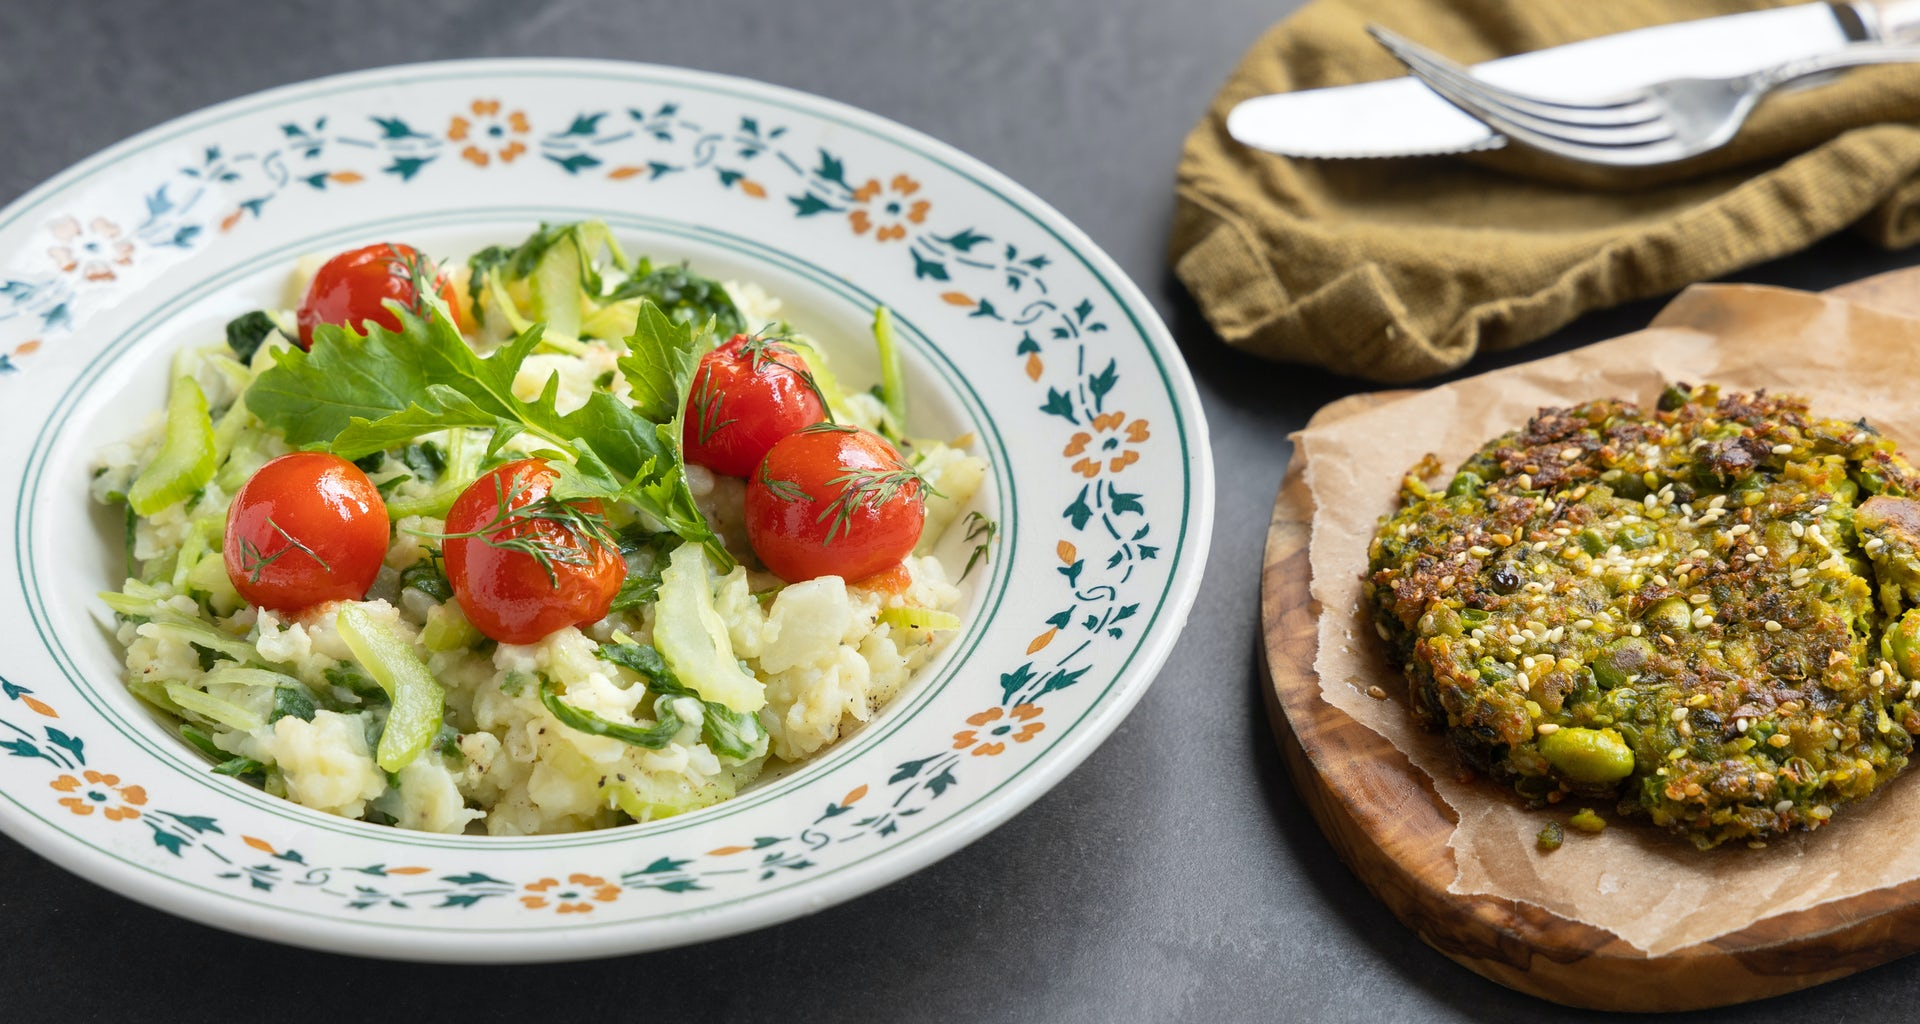 Bloemkool raapsteelstamp met tomaten dillejus en edamameburgers uit de Keuken van Maass